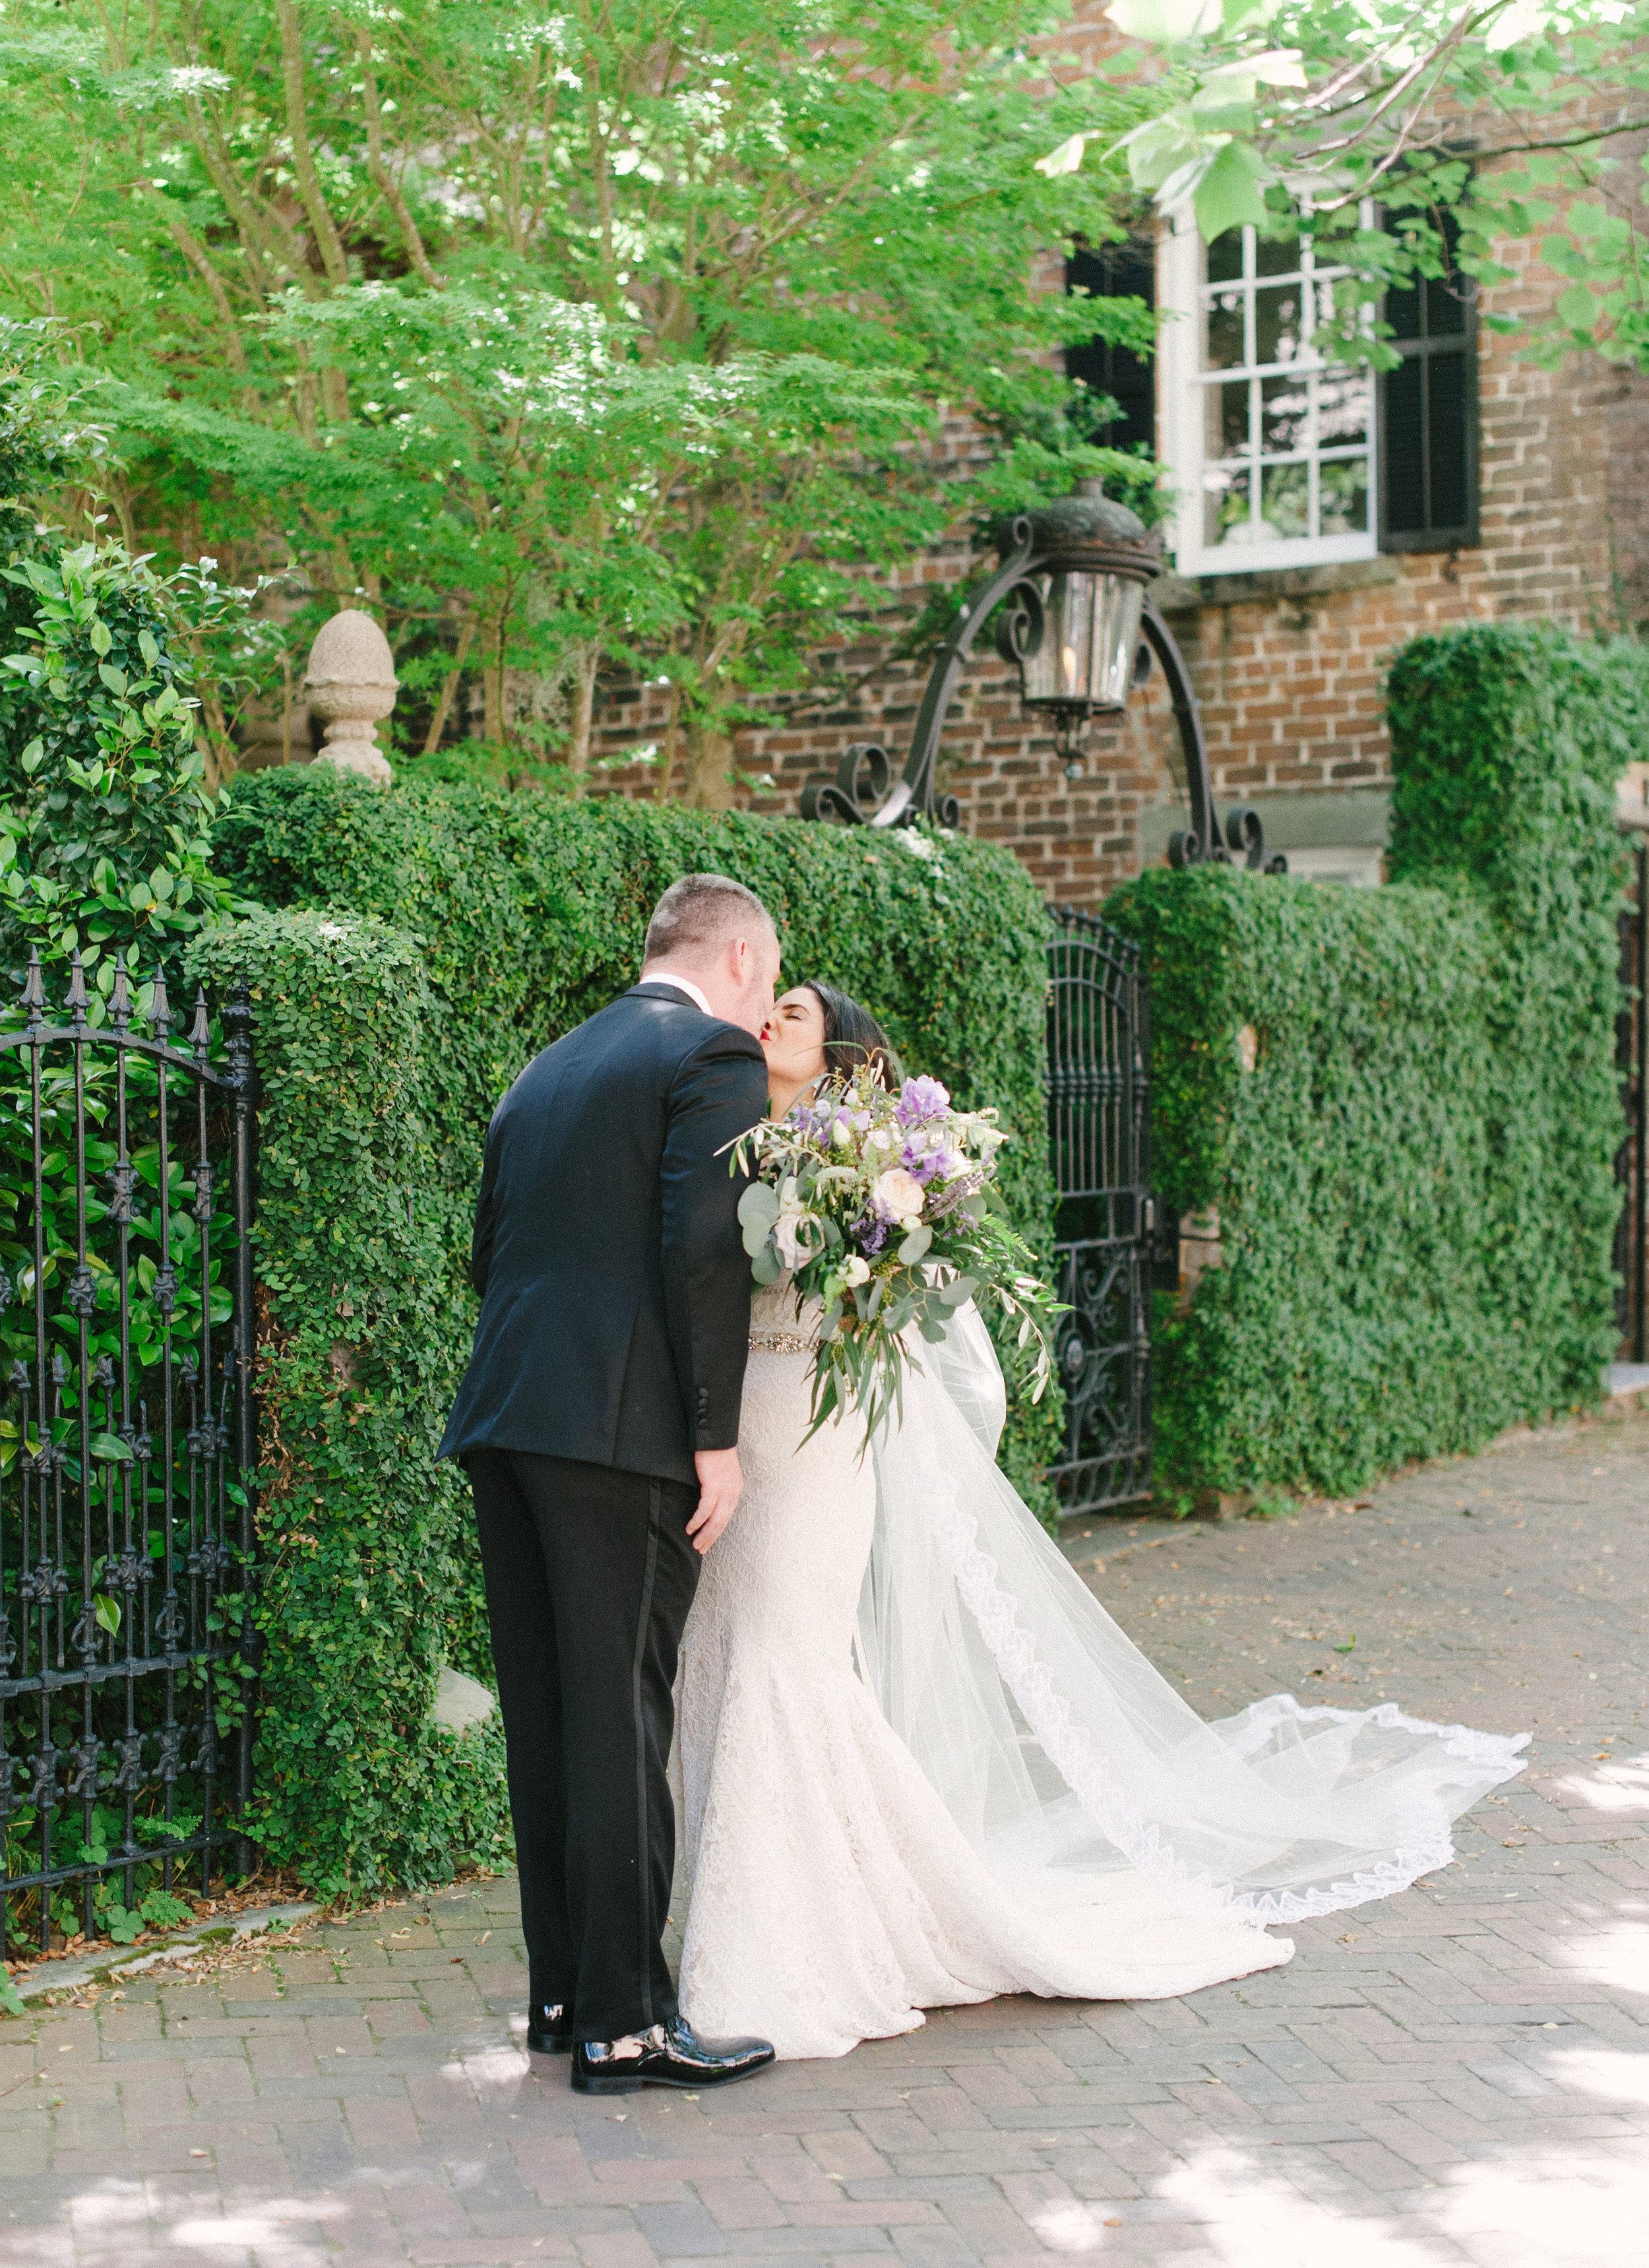 21-ivory-and-beau-bridal-boutique-wedding-dress-bridal-shop-alexjanelle_joshmorehousephotography-107.jpg